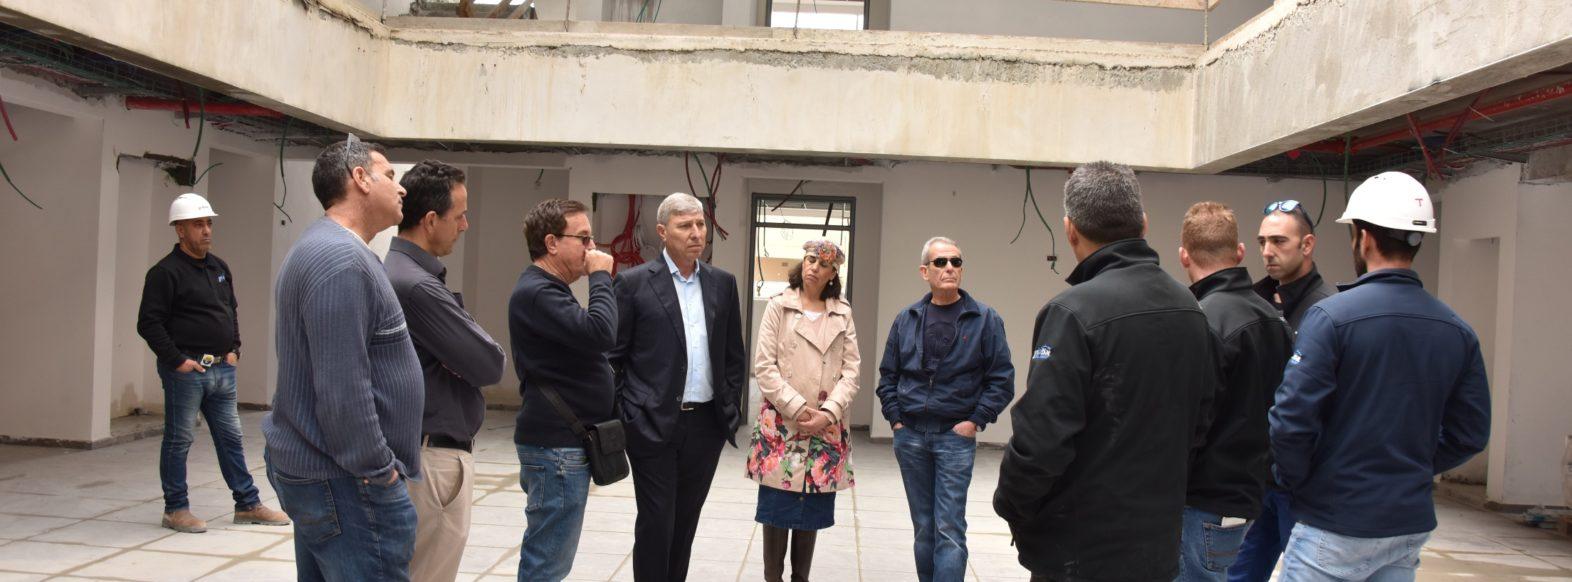 """ראש העיר יעקב פרץ עומד מקרוב על המשך עבודות להקמת בית ספר """"נועם"""""""